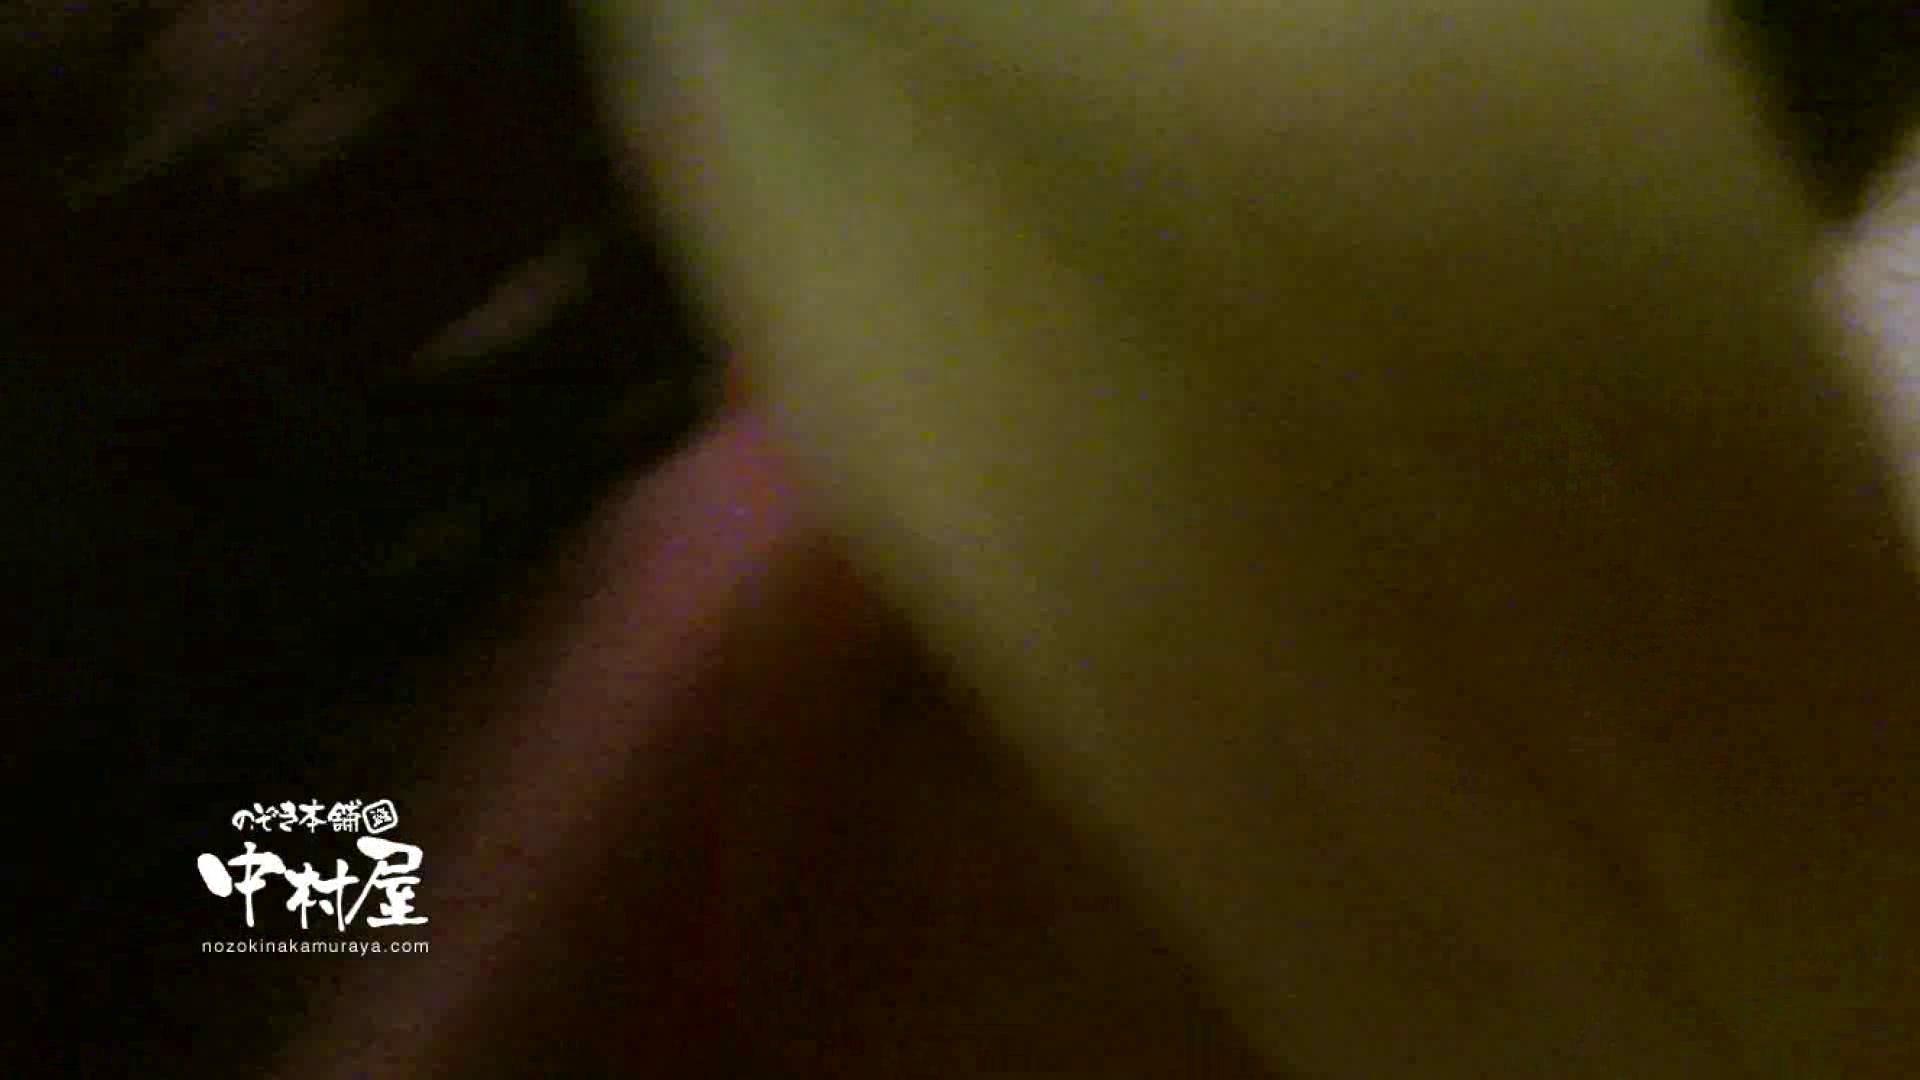 鬼畜 vol.17 中に出さないでください(アニメ声で懇願) 前編 美しいOLの裸体  72pic 72